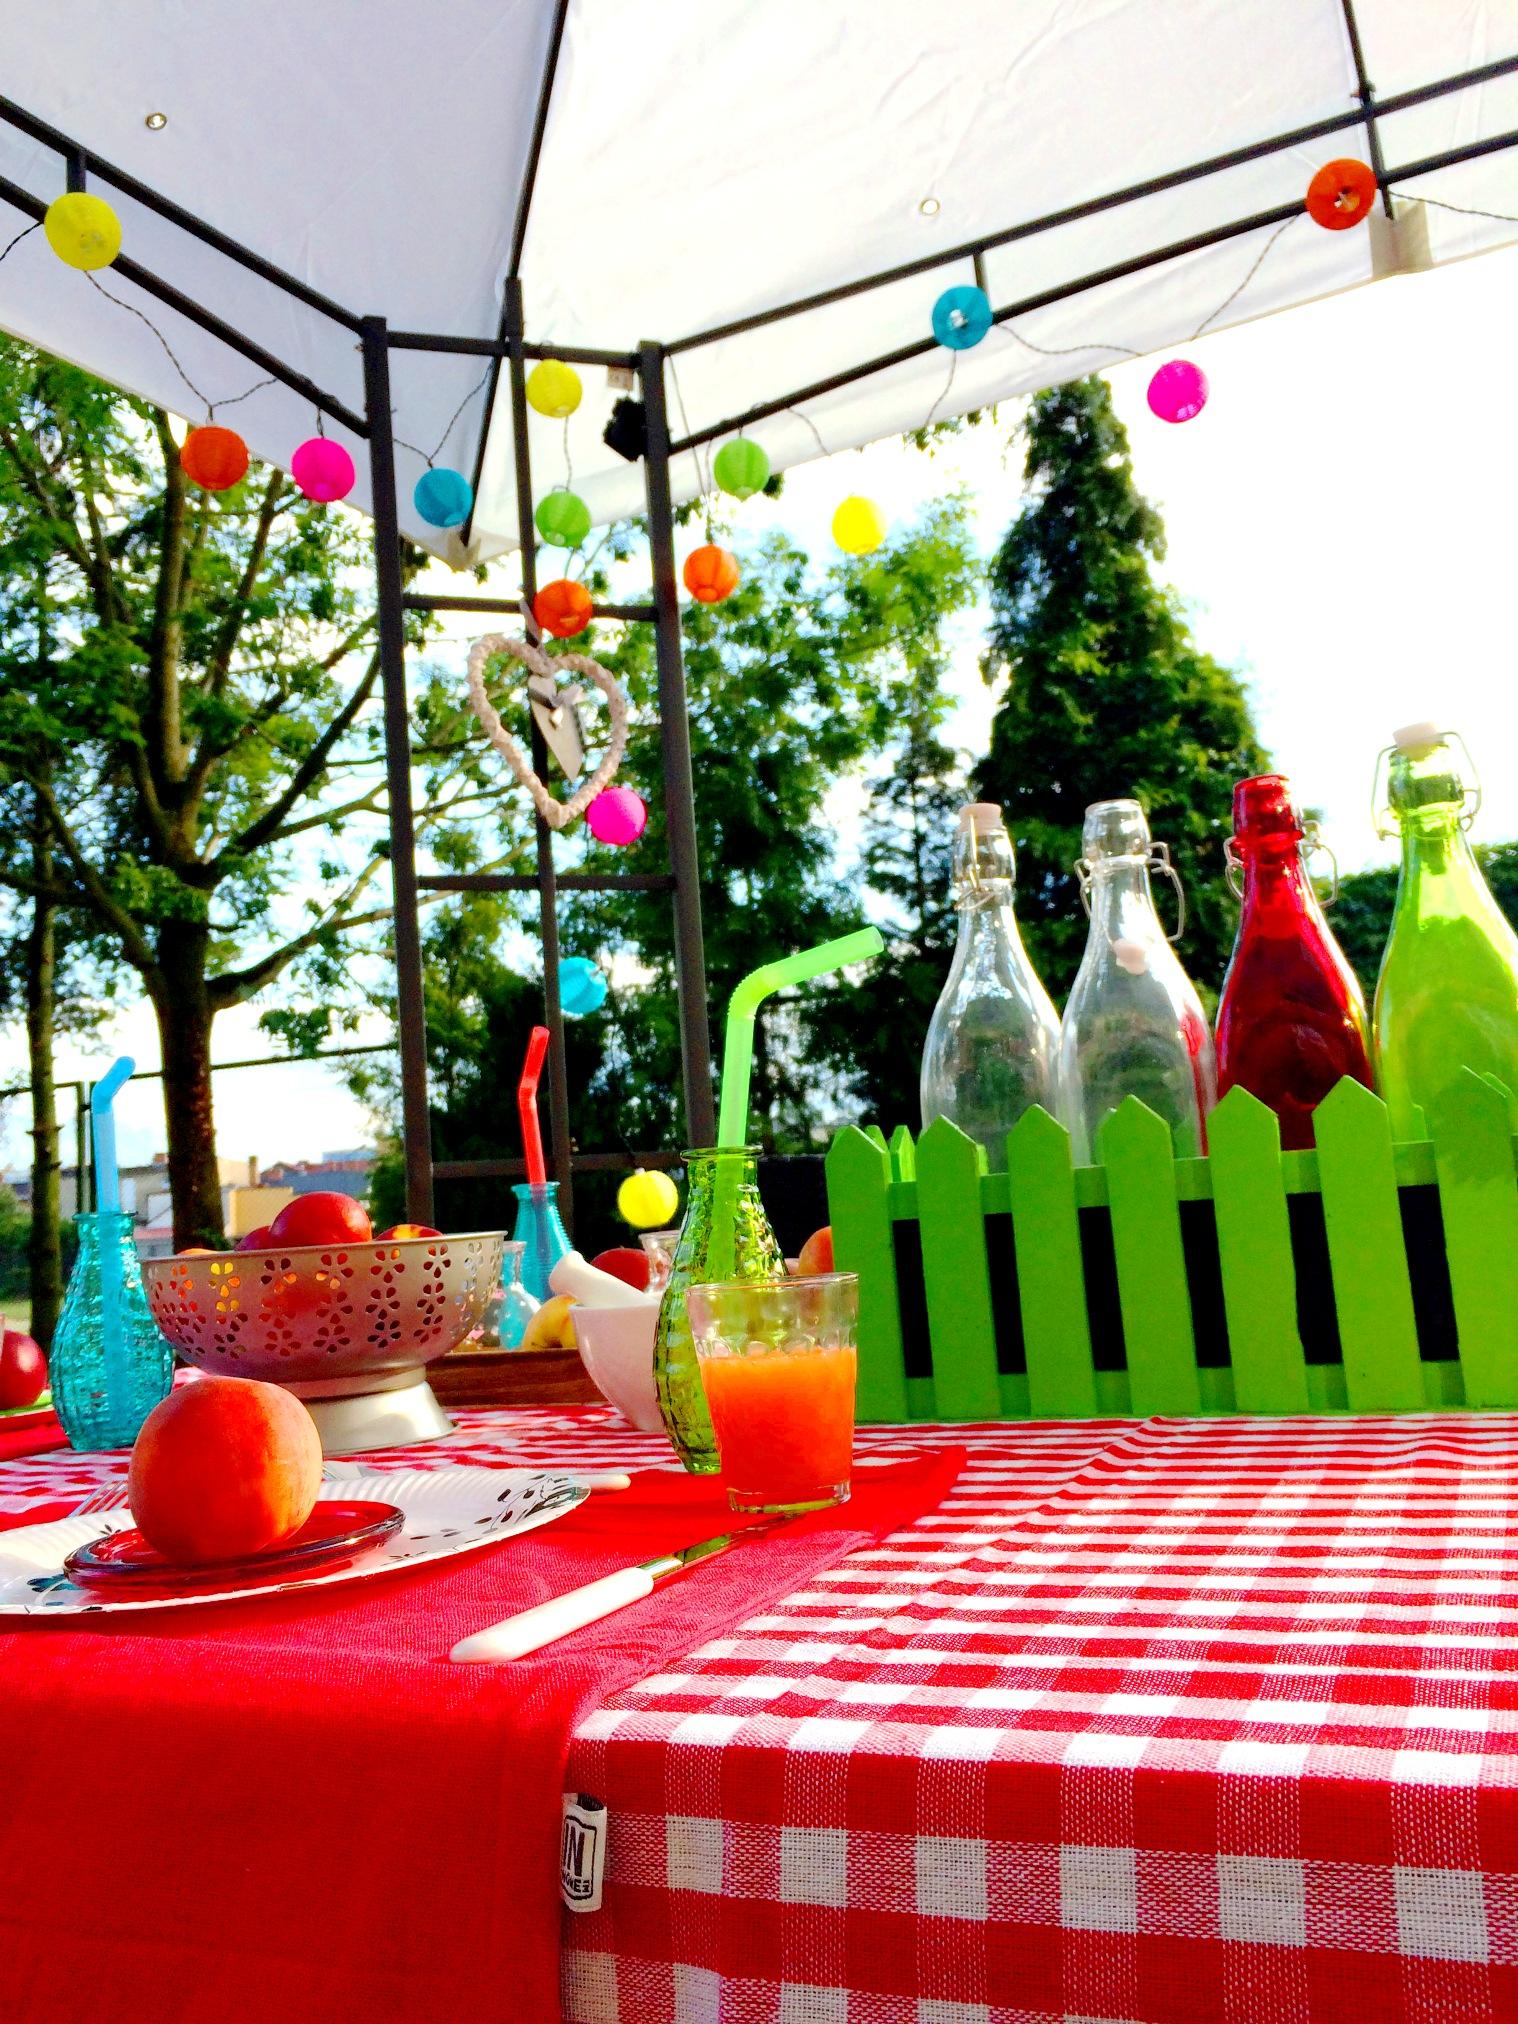 22 jysk metamorfozy projektowanie dekorowanie ogrodu garden party decorating ideas landscape design forelementspl jysk15lat jyskmetamorfozy